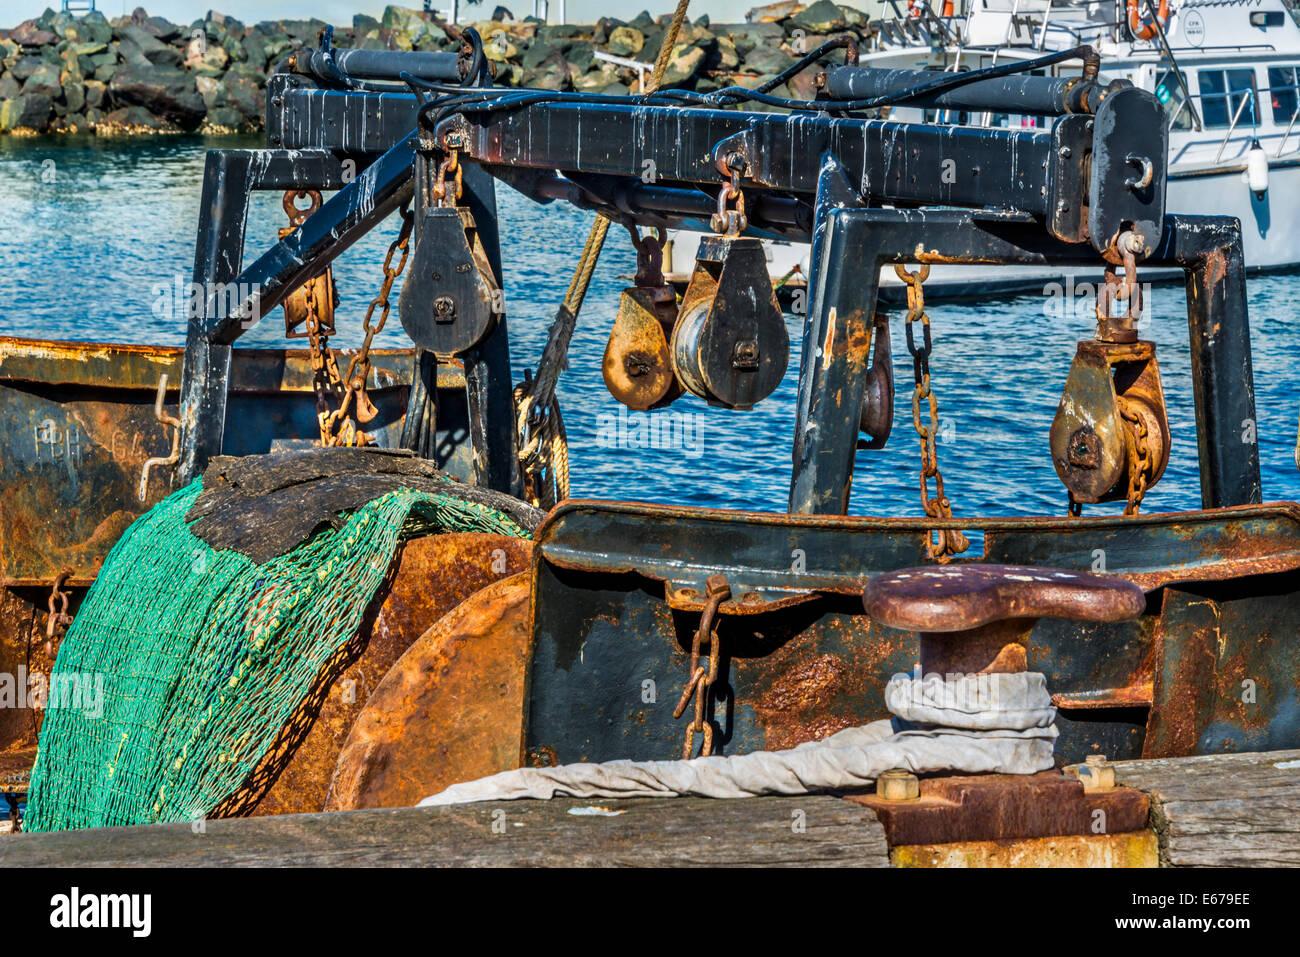 Fischerboot mit schweren Angelausrüstung, verrostete und verwitterte Ketten Seile Umlenkrollen und Fischernetze Stockbild